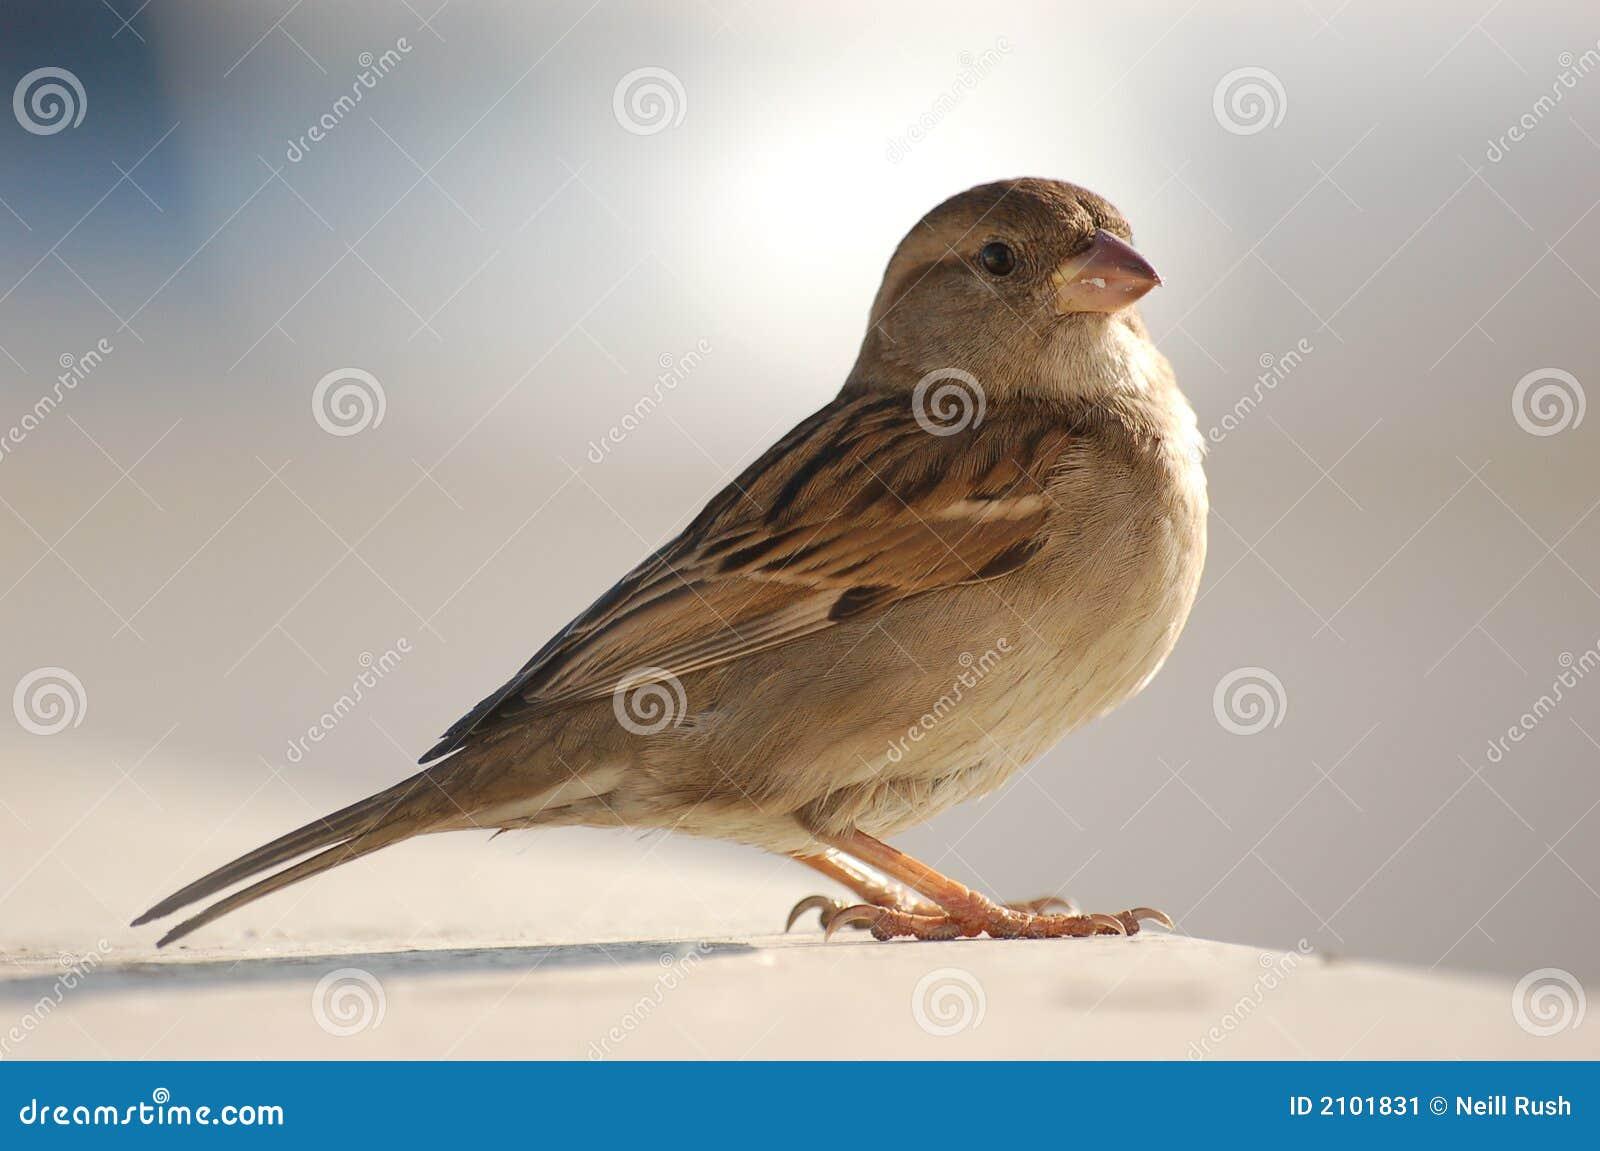 Eric the Sparrow